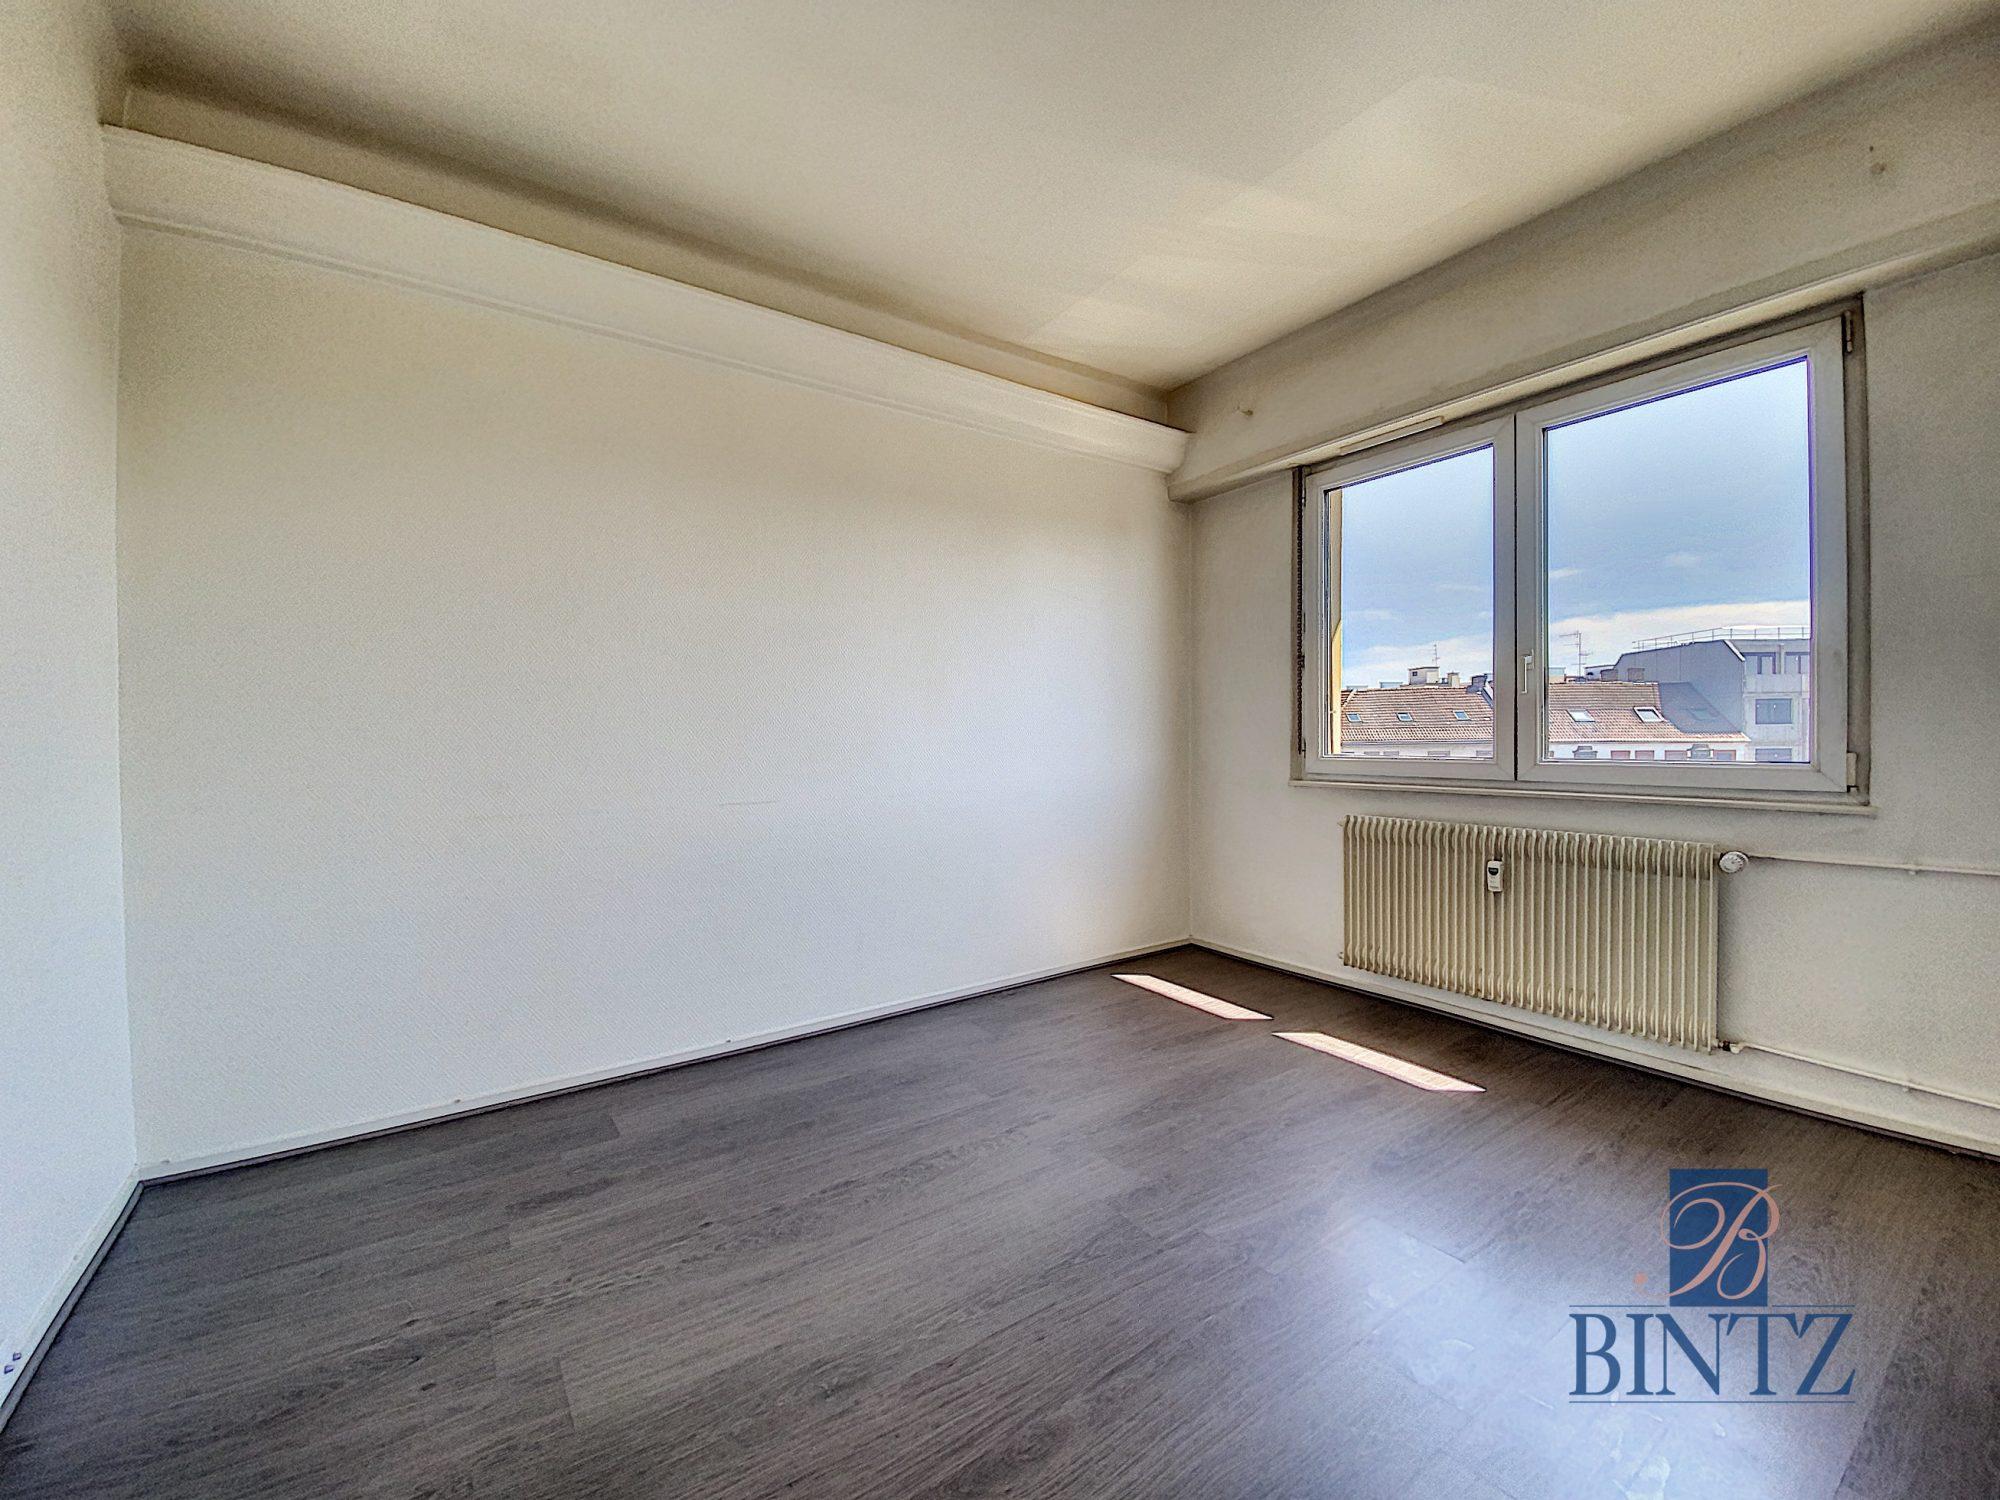 3P MONTAGNE VERTE - Devenez locataire en toute sérénité - Bintz Immobilier - 5